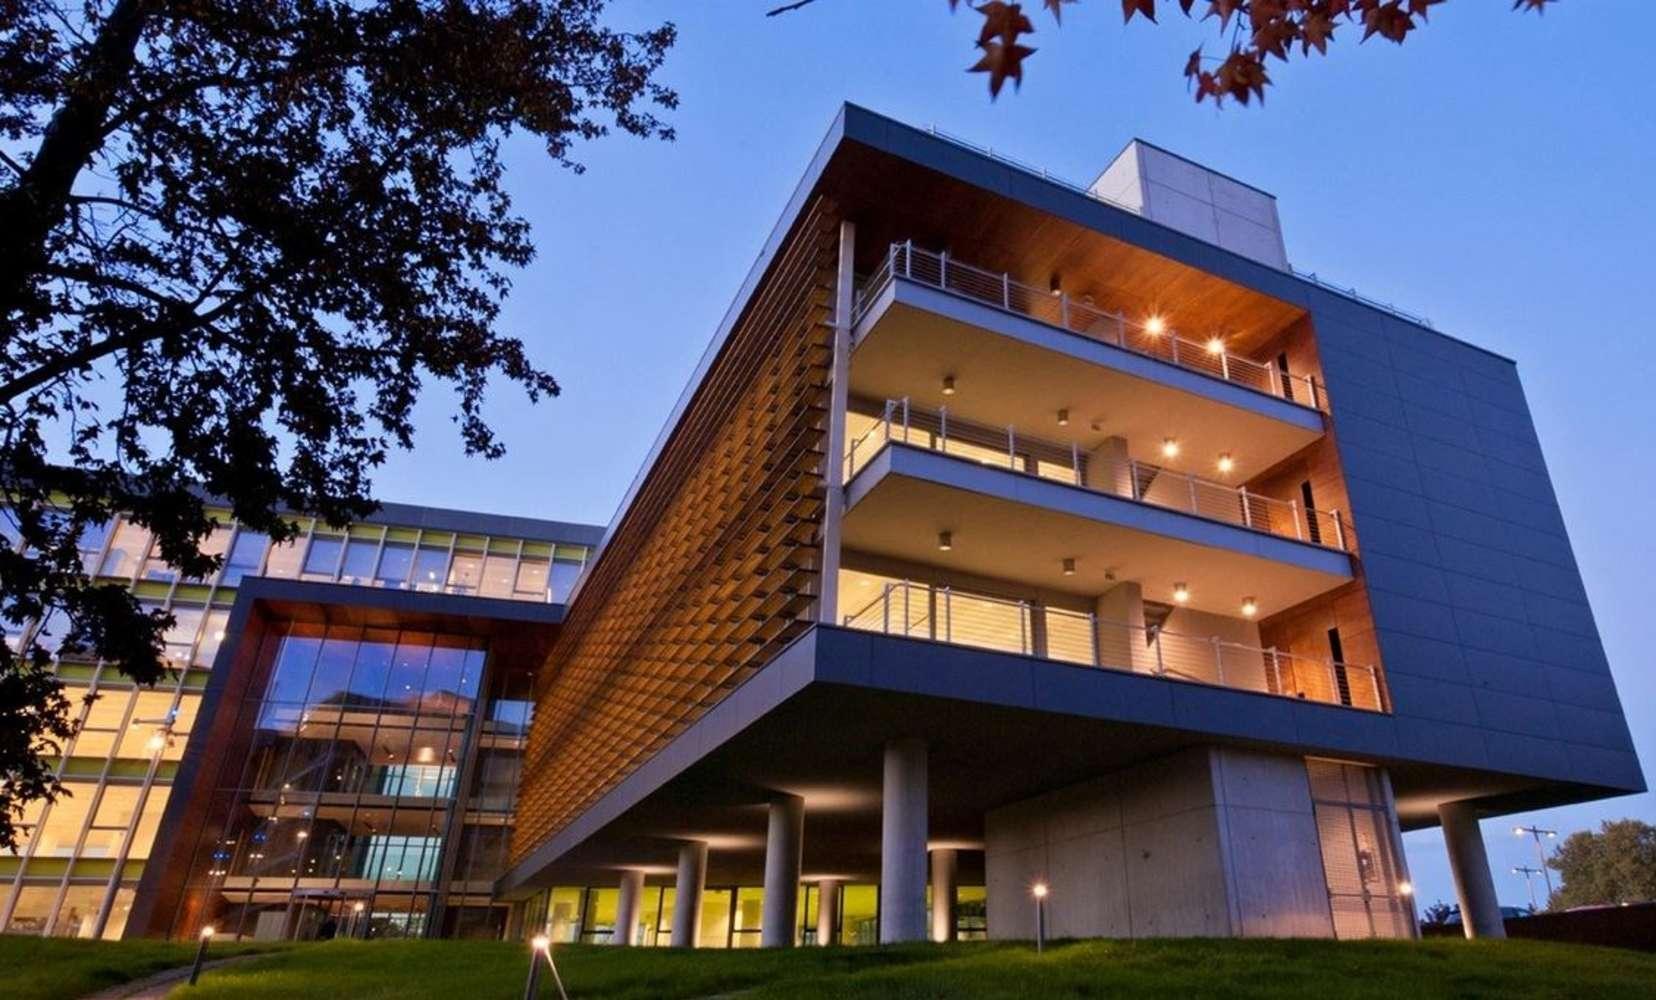 Ufficio San felice, segrate (mi), 20090 - Segreen Business Park